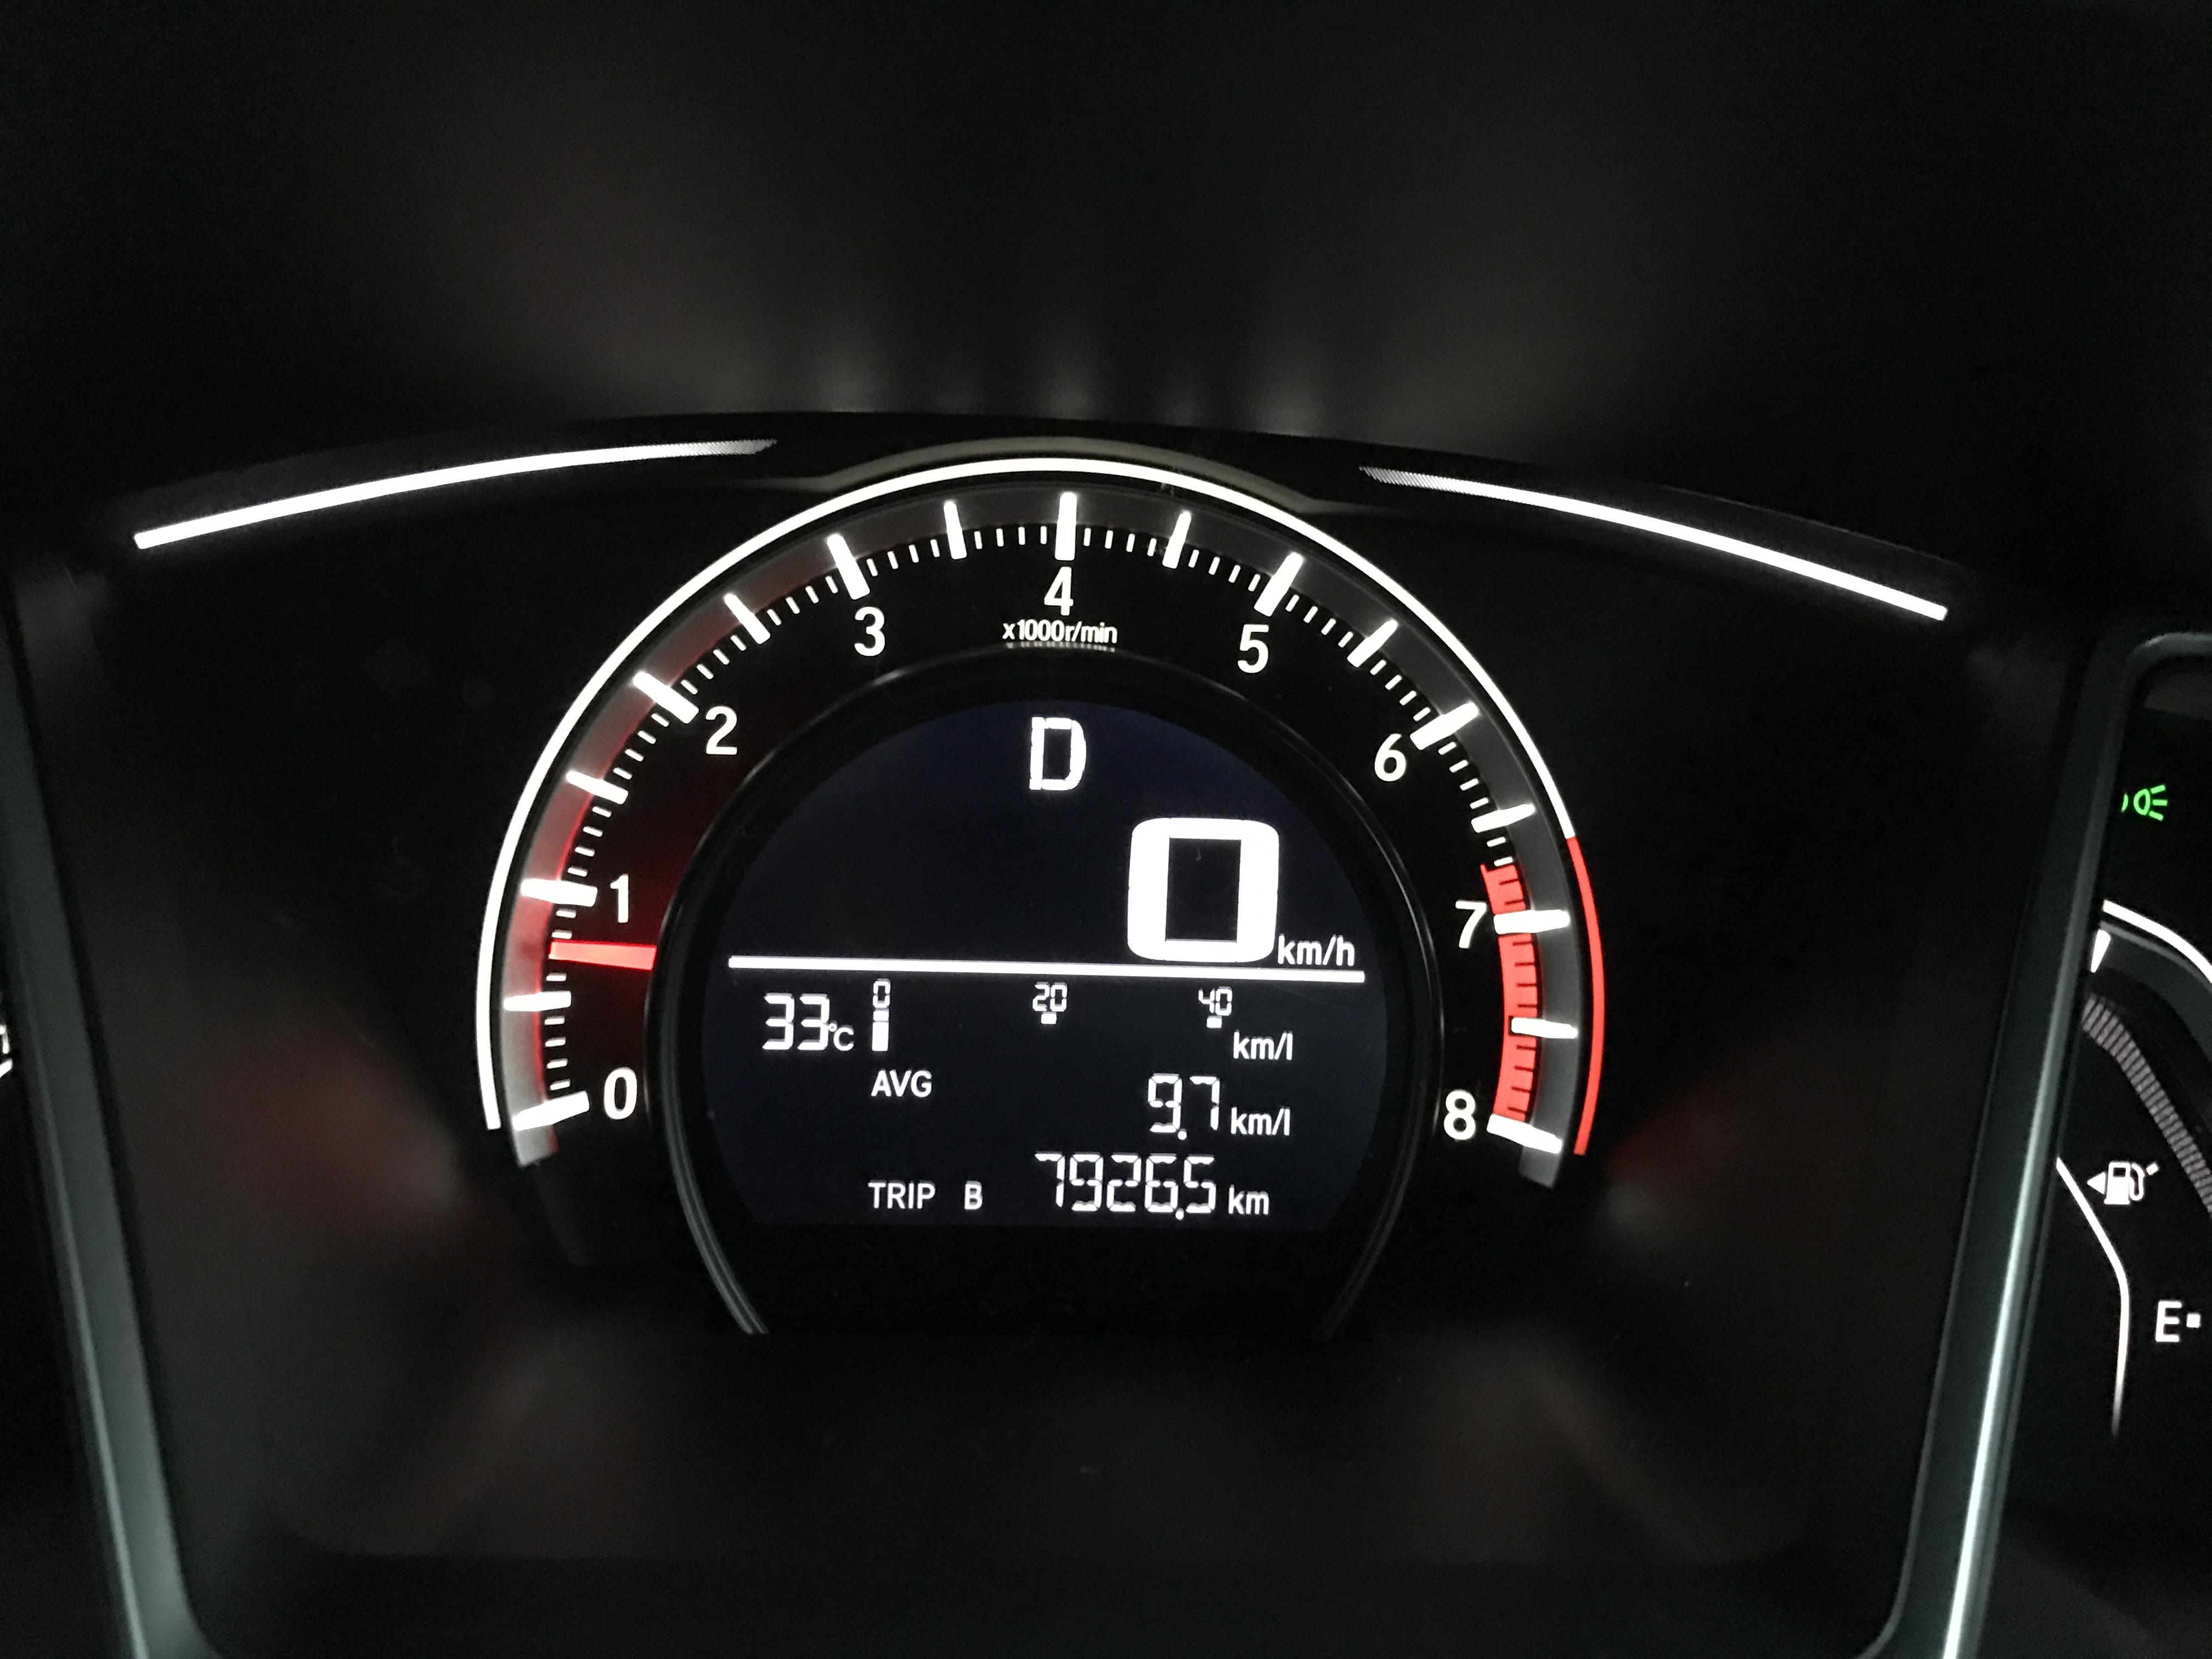 Average fuel consumption